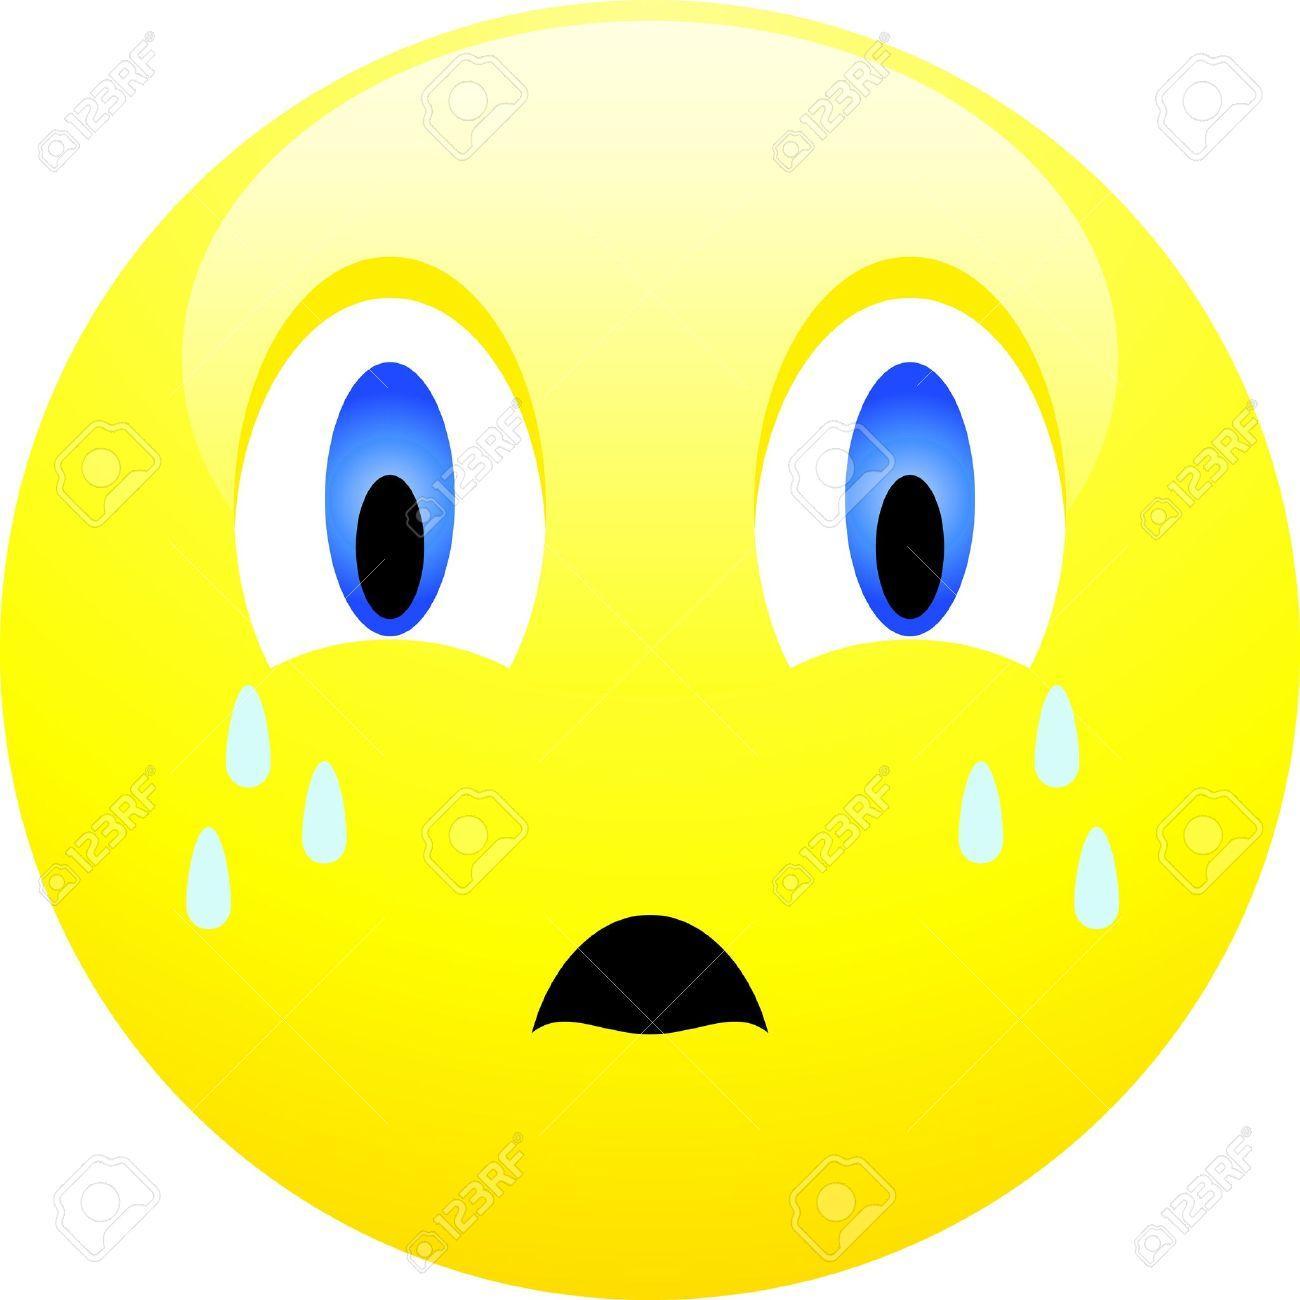 Sad Smiley Face With Tear